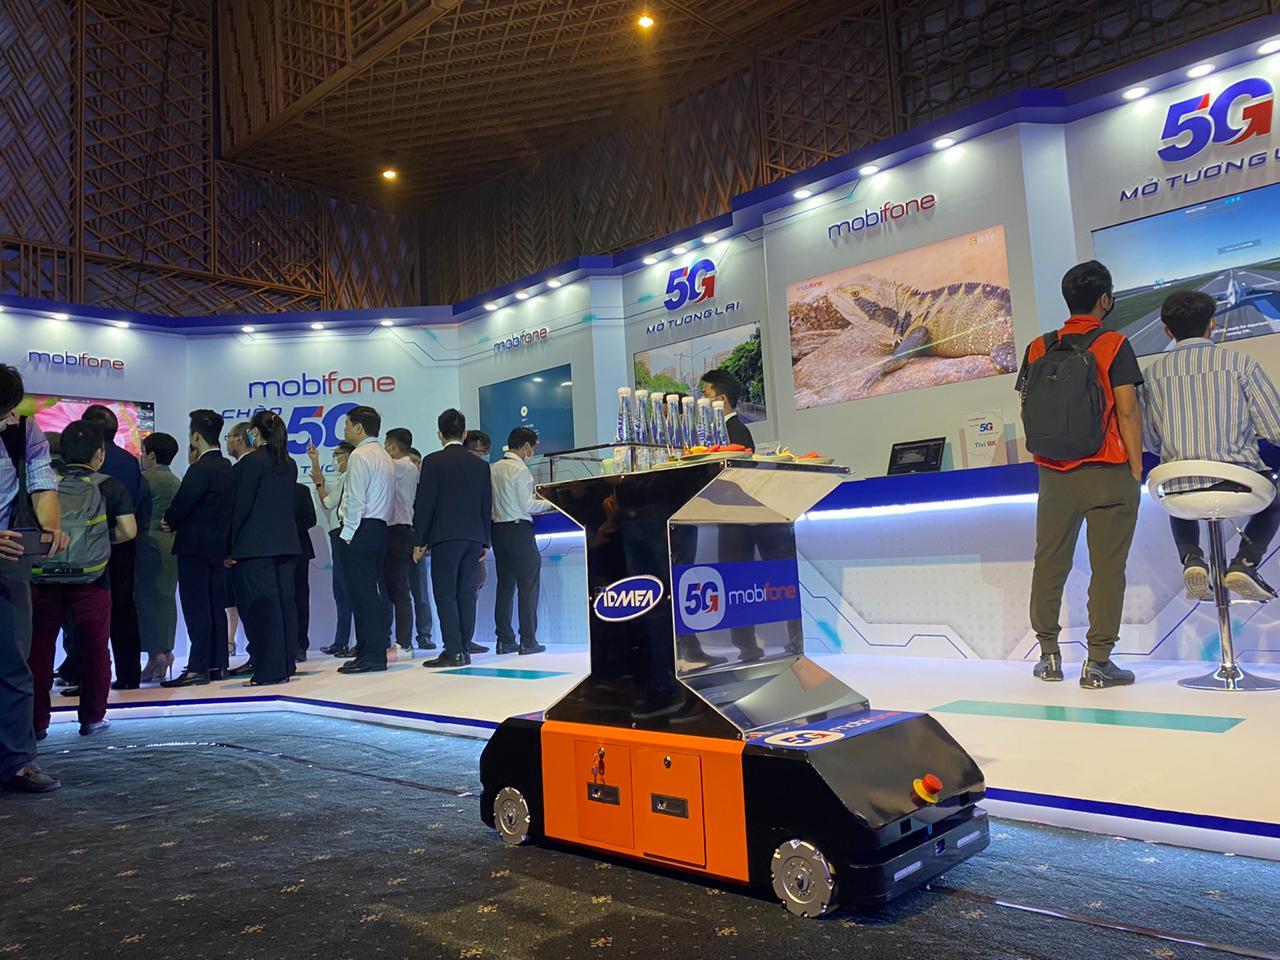 Xe tự hành của IROCO tại triển lãm MobiFone 5G